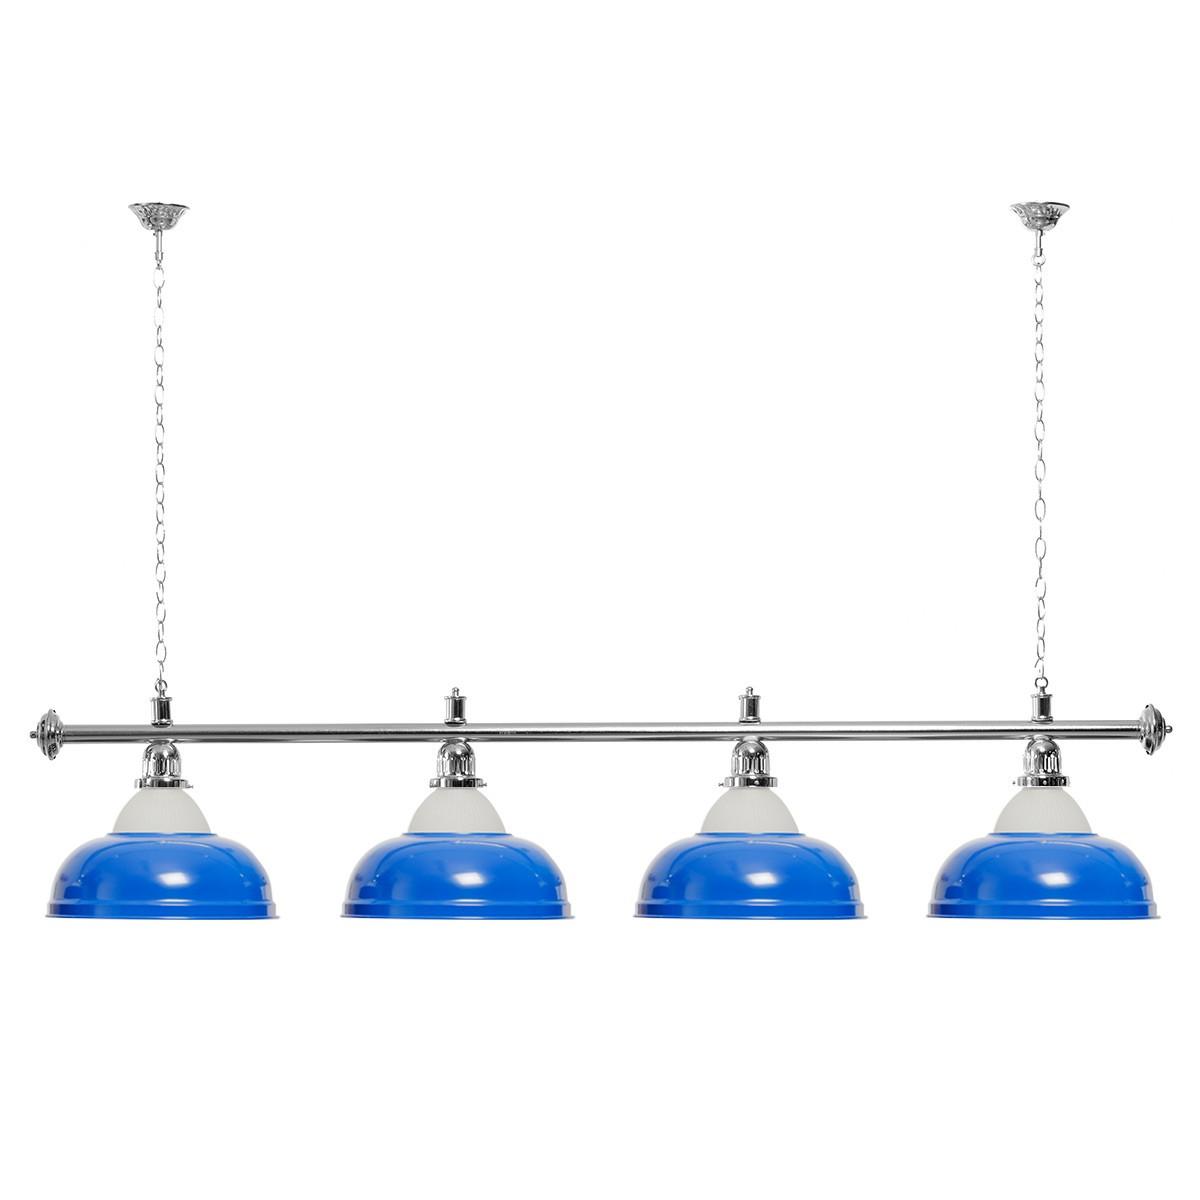 Billard Lampe 4 Schirme blau mit Glas / silberfarbene Halterung